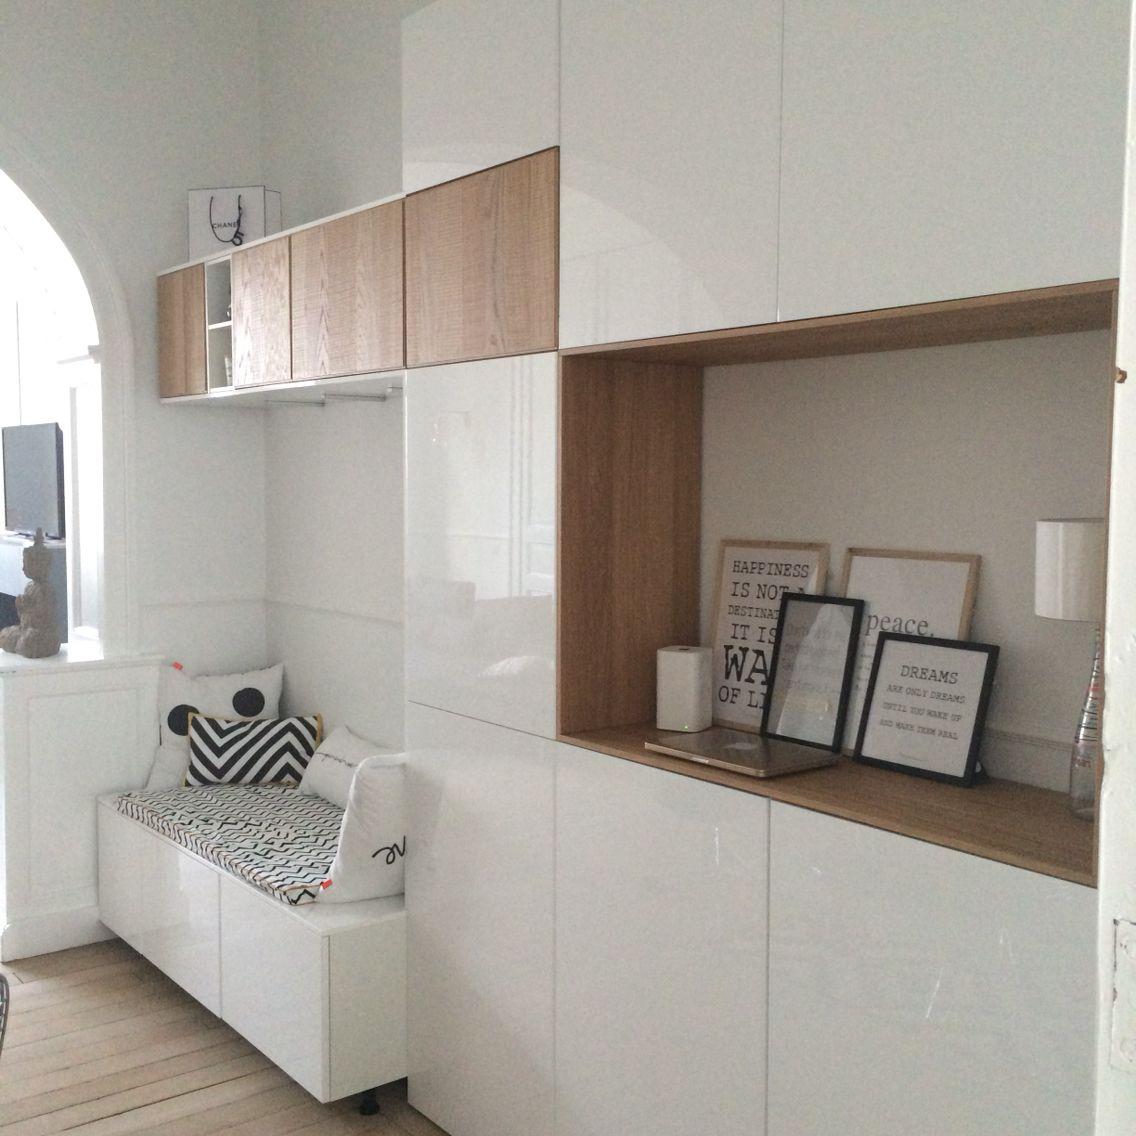 Home hall design-ideen meubles ikea  method idée rangement pièce à vivre du studio